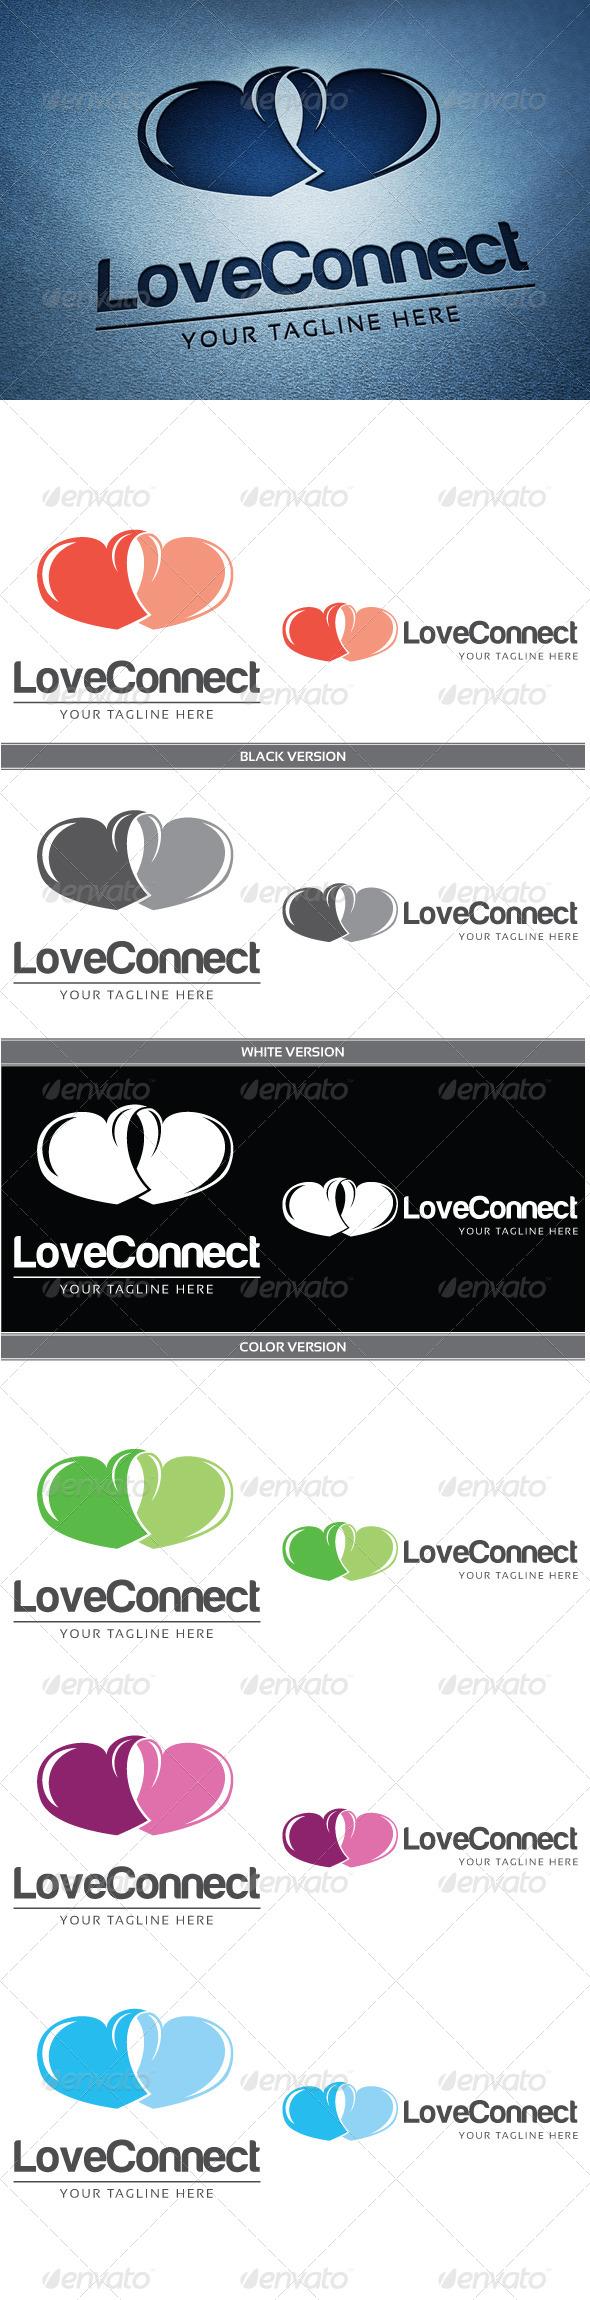 GraphicRiver Love Connect 4521398